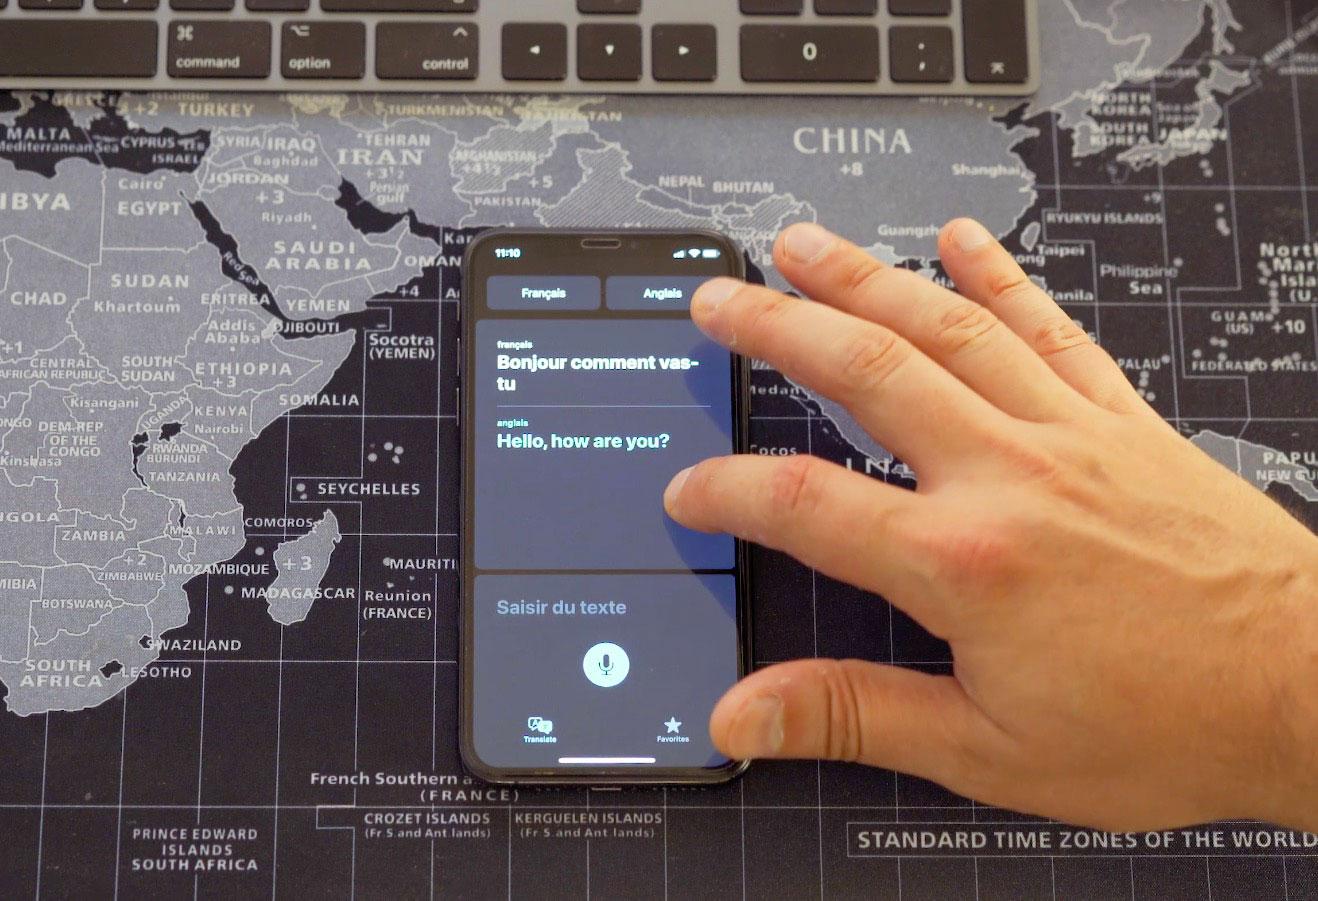 L'application Traduire, une nouveauté d'iOS 14 Bêta 1